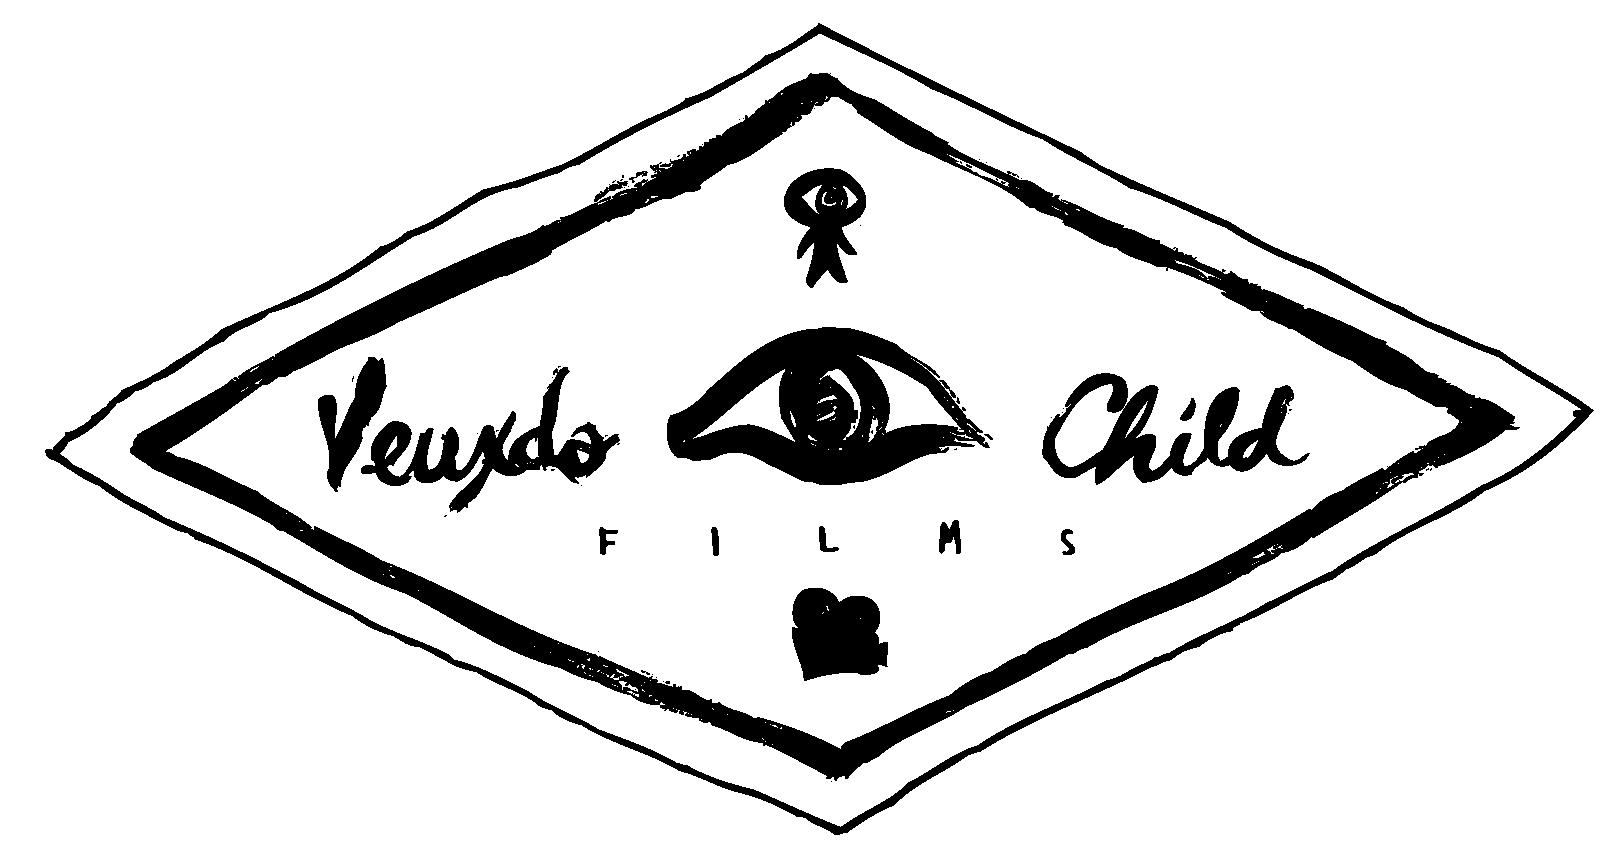 VEUXDO